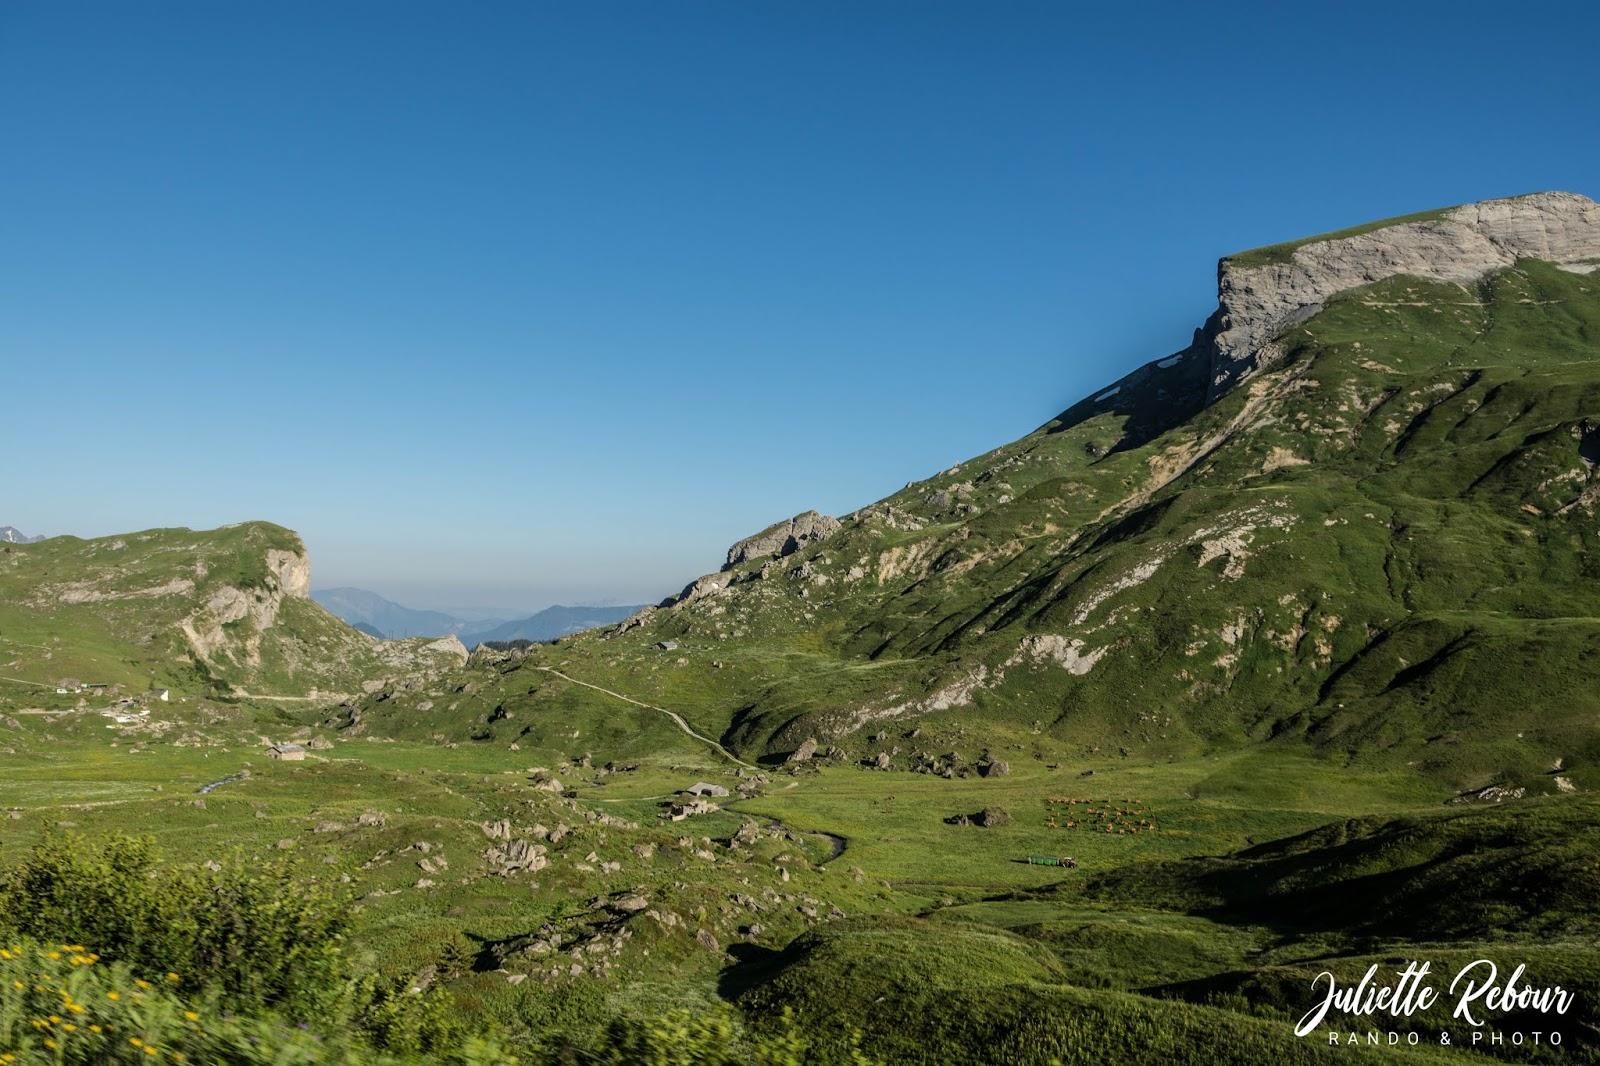 Beaufortain et Tarentaise, randonnée en savoie